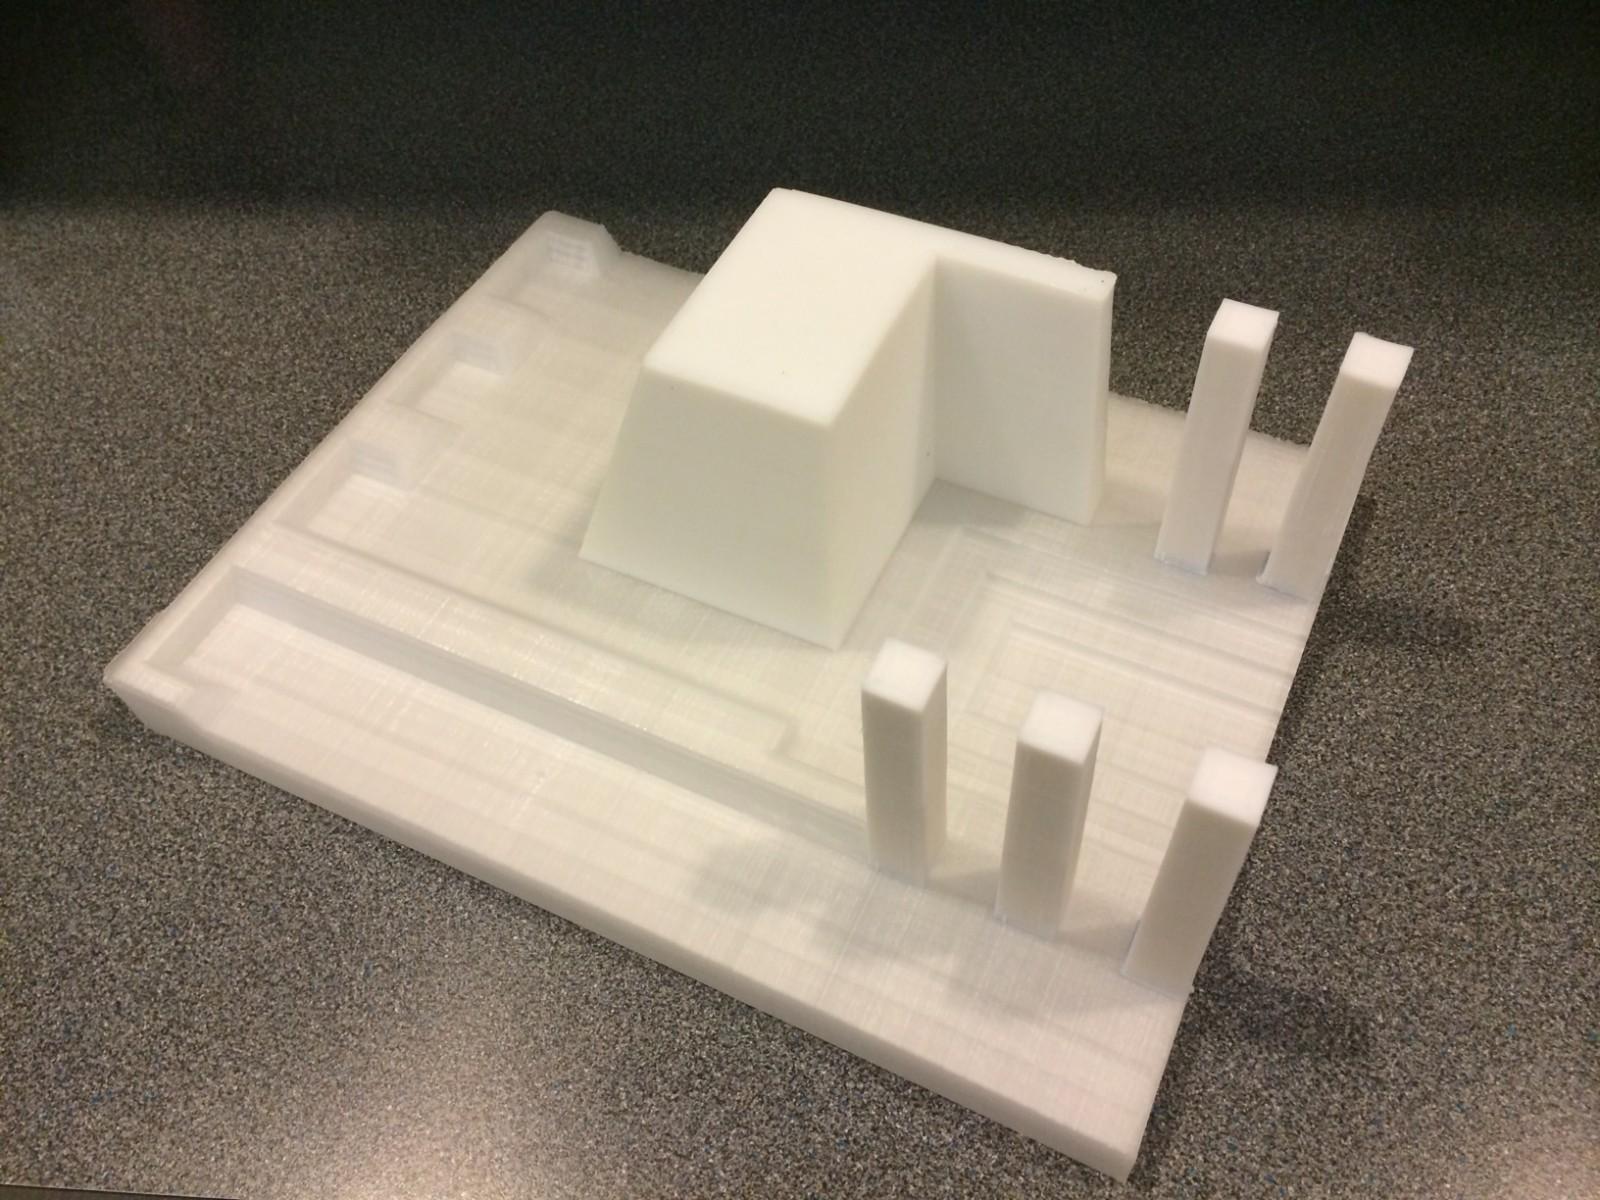 Aunque aún no se utilizaron en el proyecto, la impresión de los moldes continua con la intención de imprimir la placa entera del molde, lo que reducirá dramáticamente el costo de manufactura del molde en el campus. Imagen © Mesick Cohen Wilson Baker Architects (MCWB)